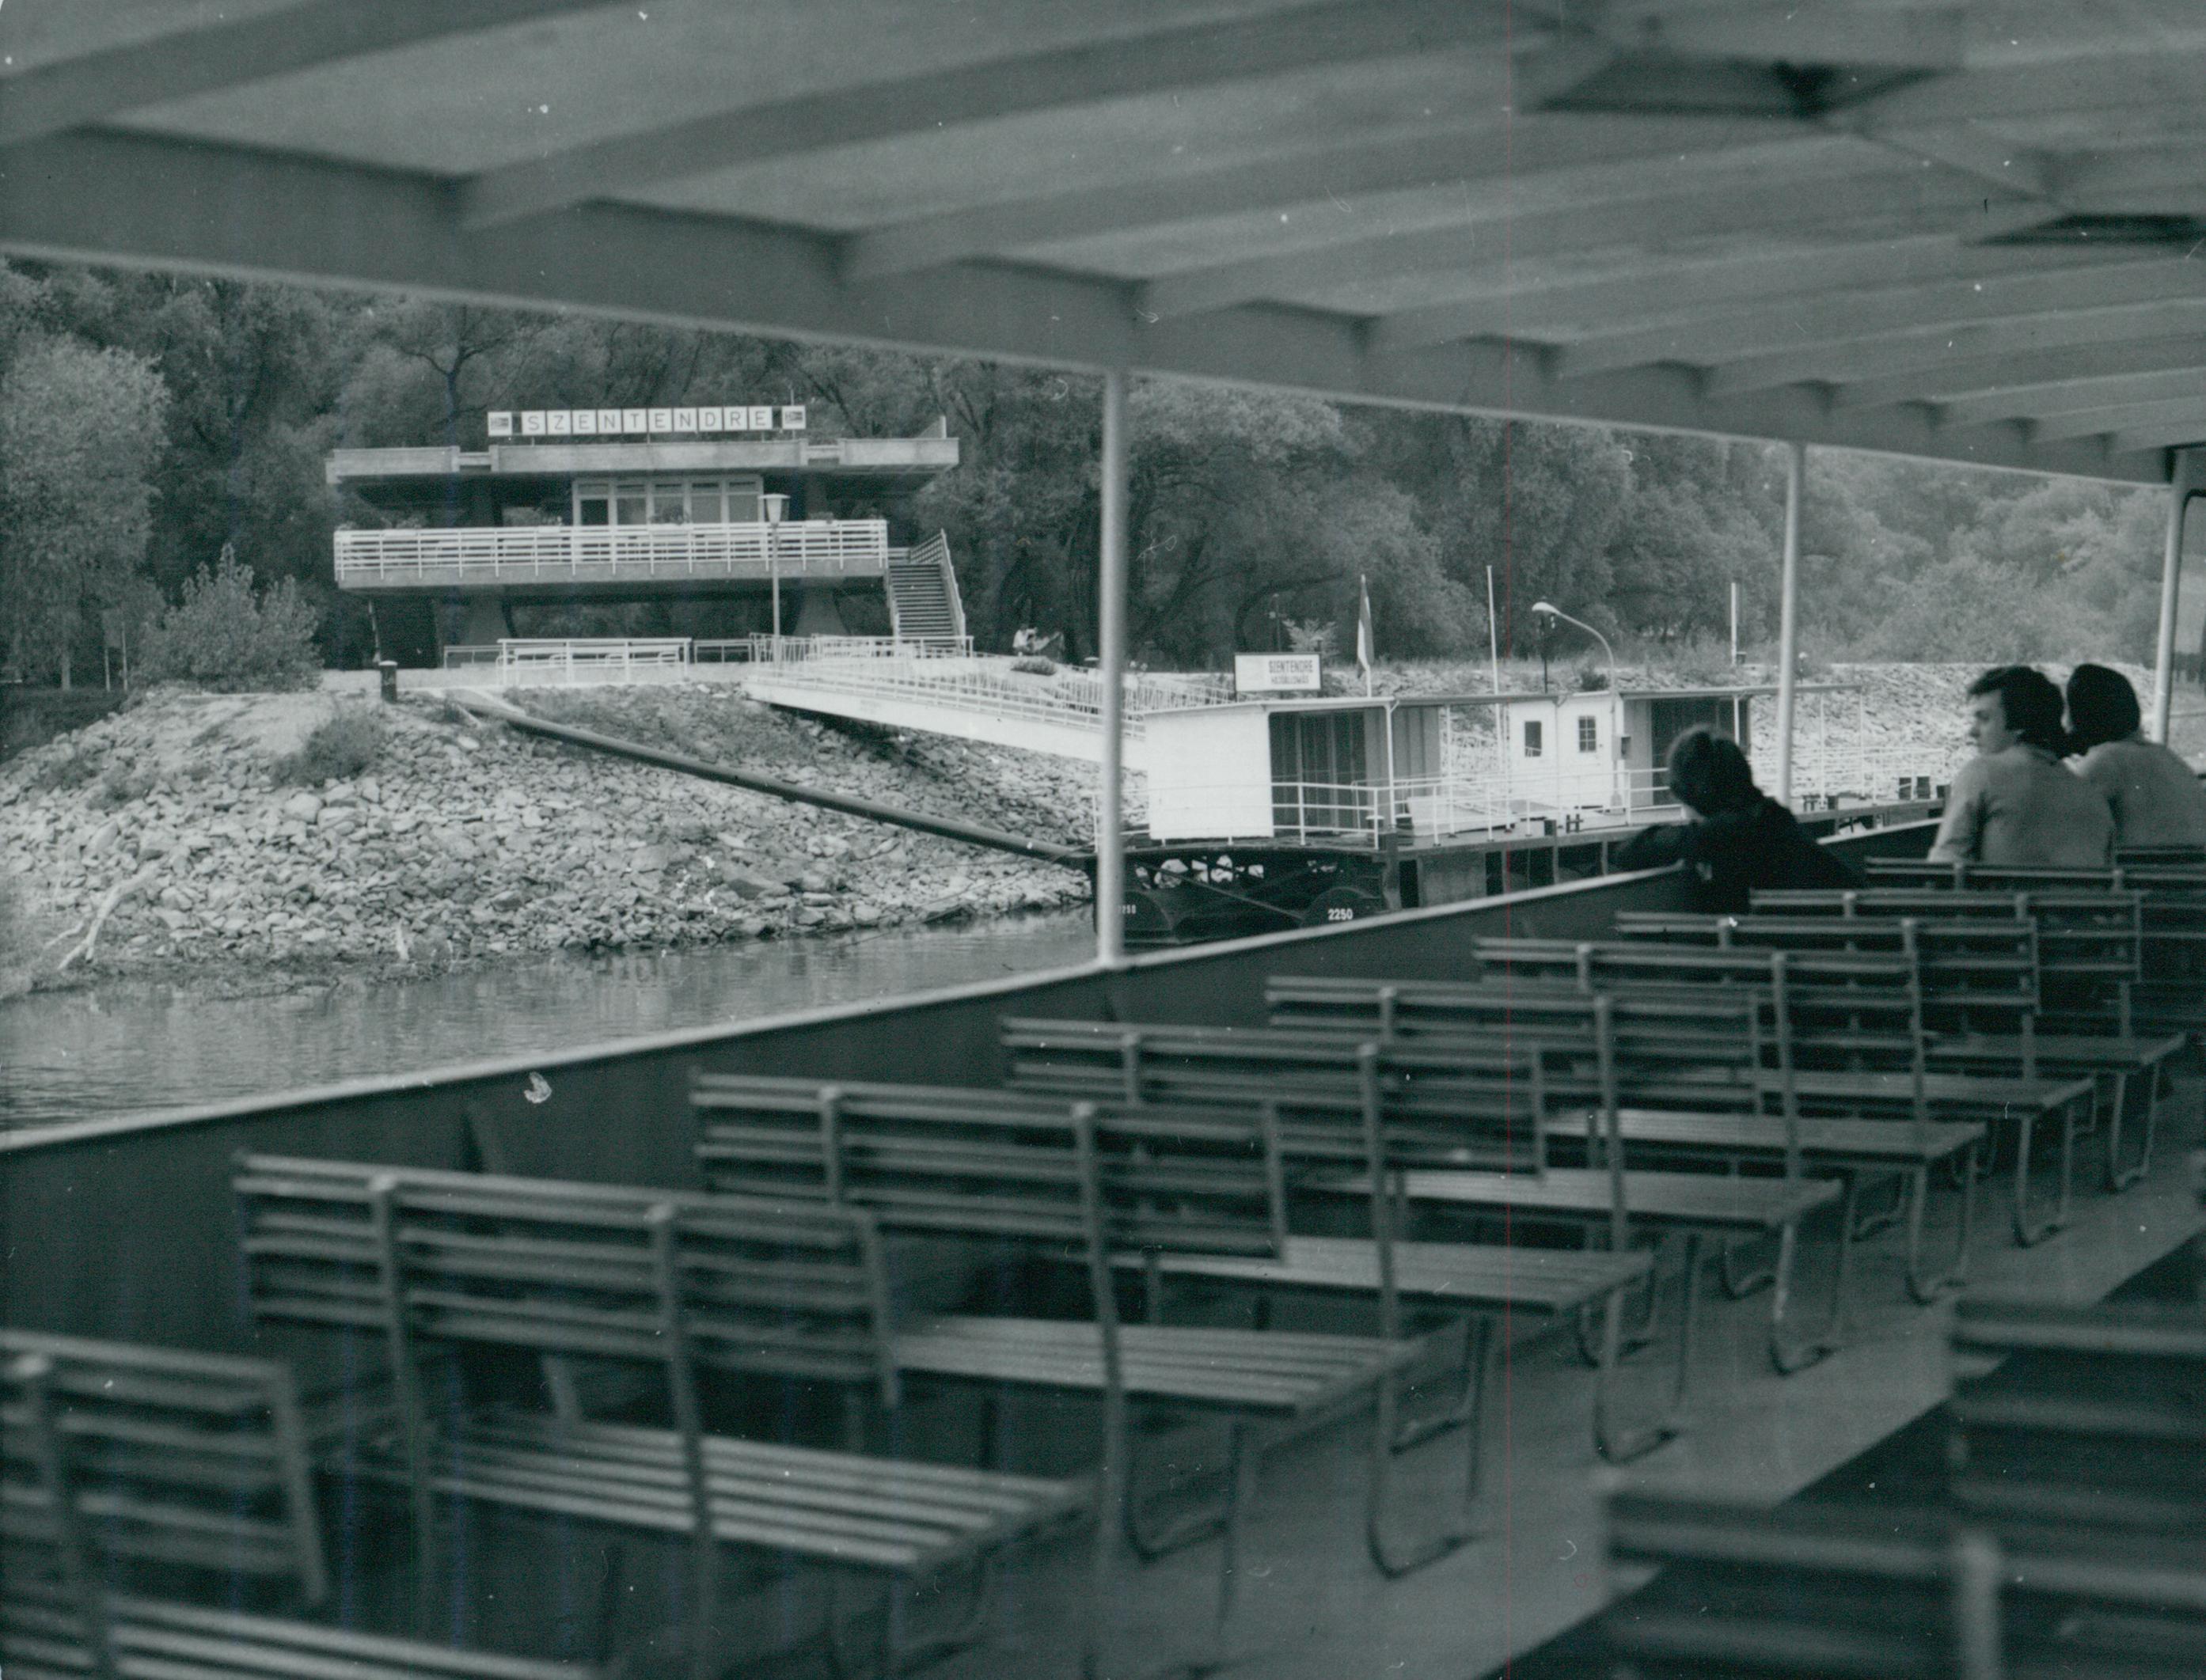 A szentendrei hajóállomás épülete hajóról